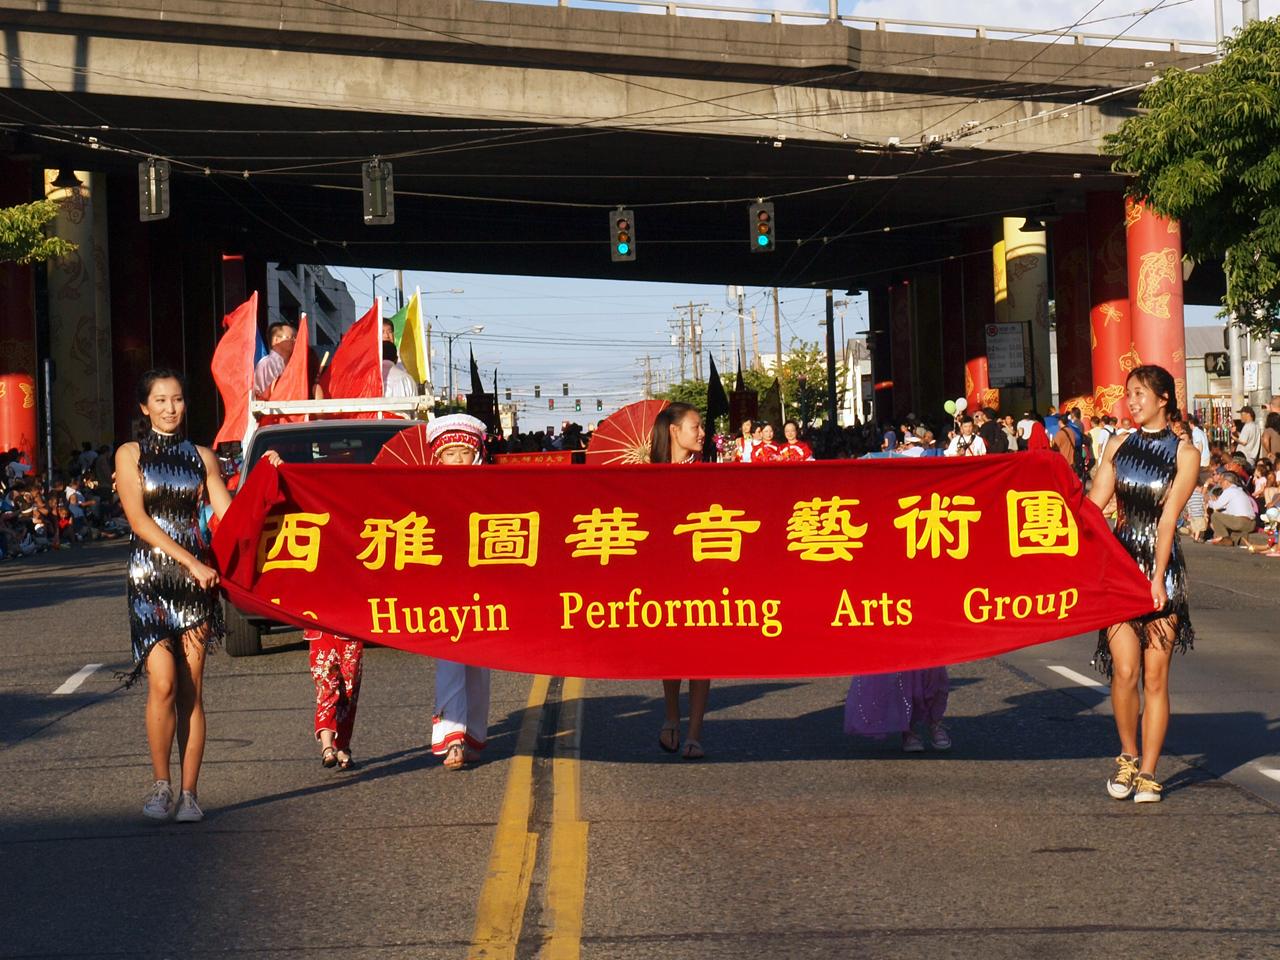 2011 Sea Fair China Town Parade Image 186